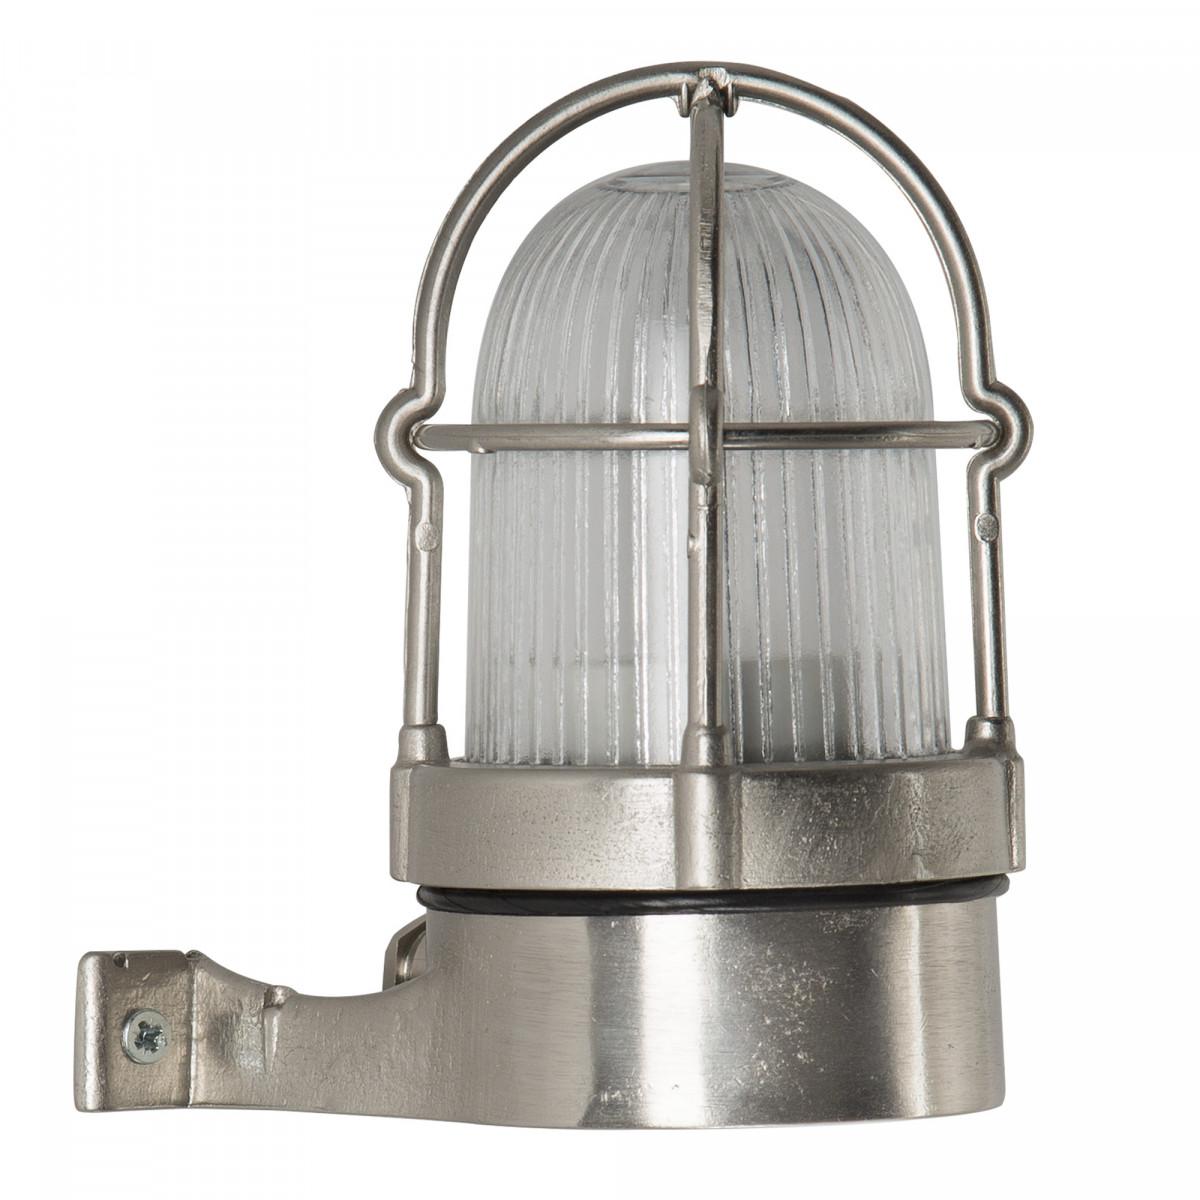 Antiek zilveren scheepslamp Caspian 3